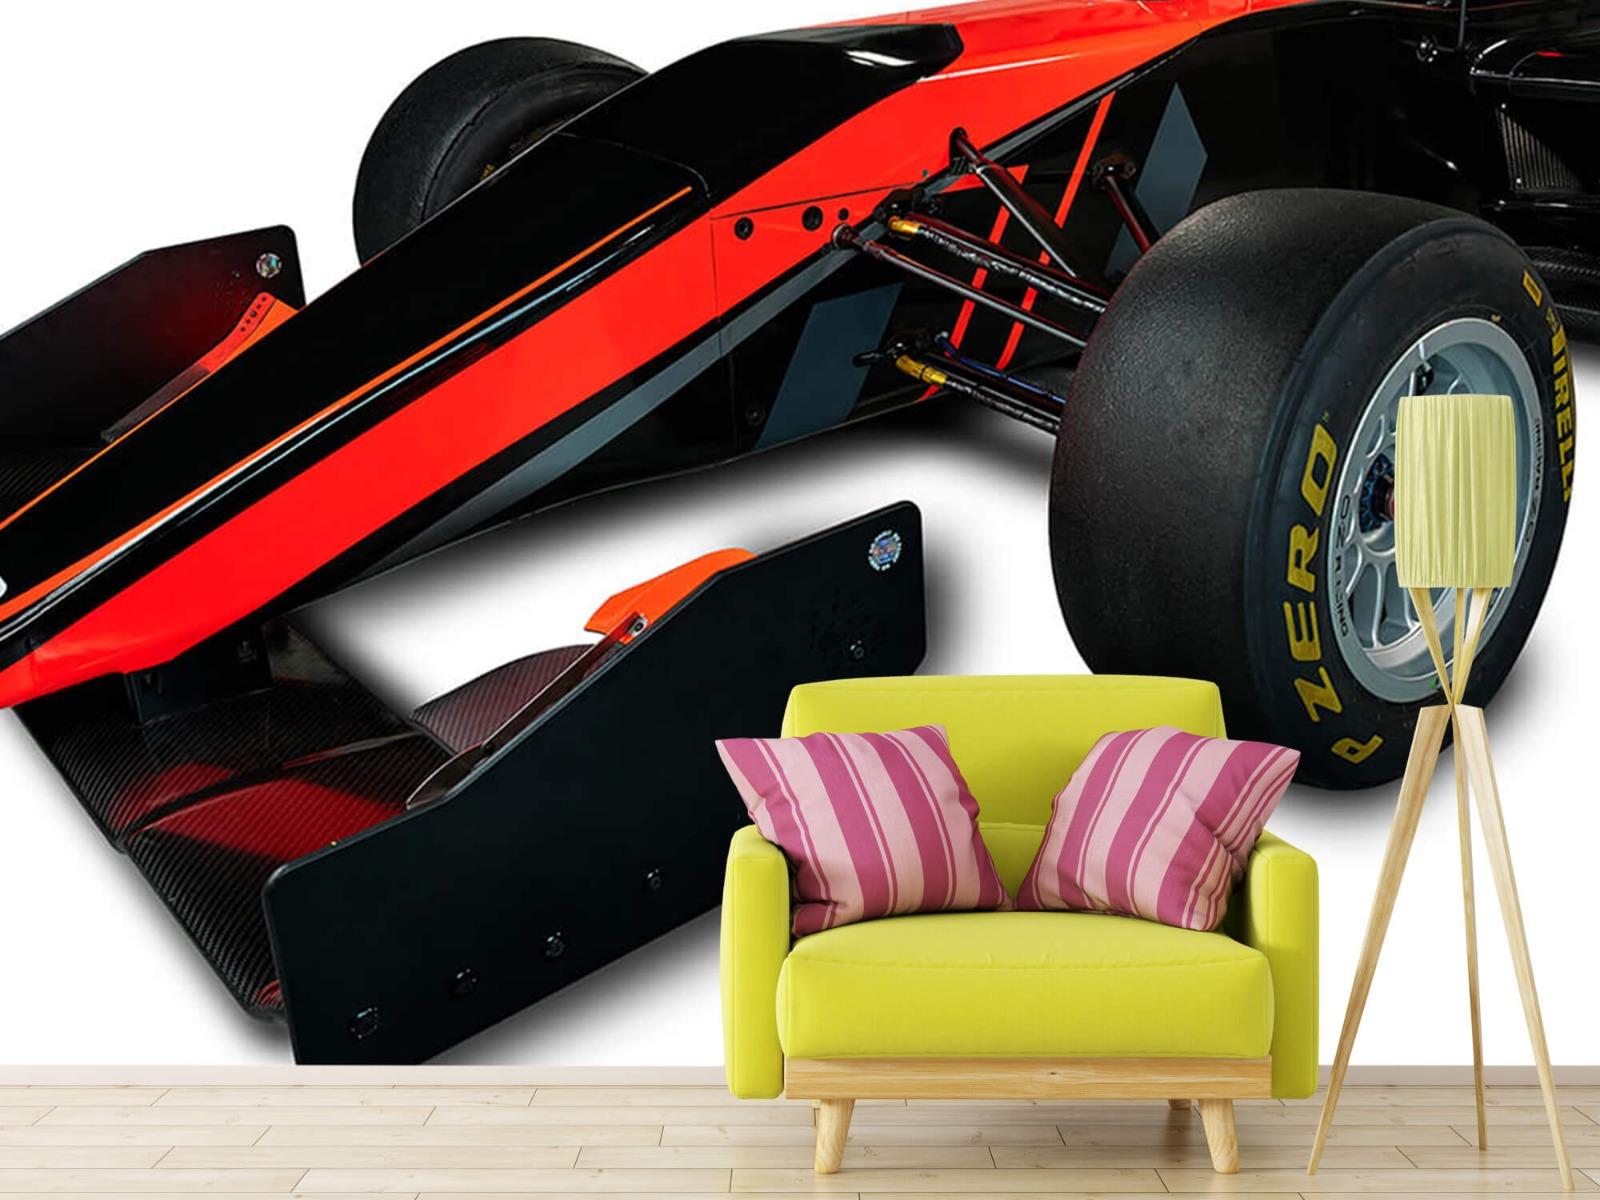 Sportauto's - Formule 3 - Left front view - Tienerkamer 17